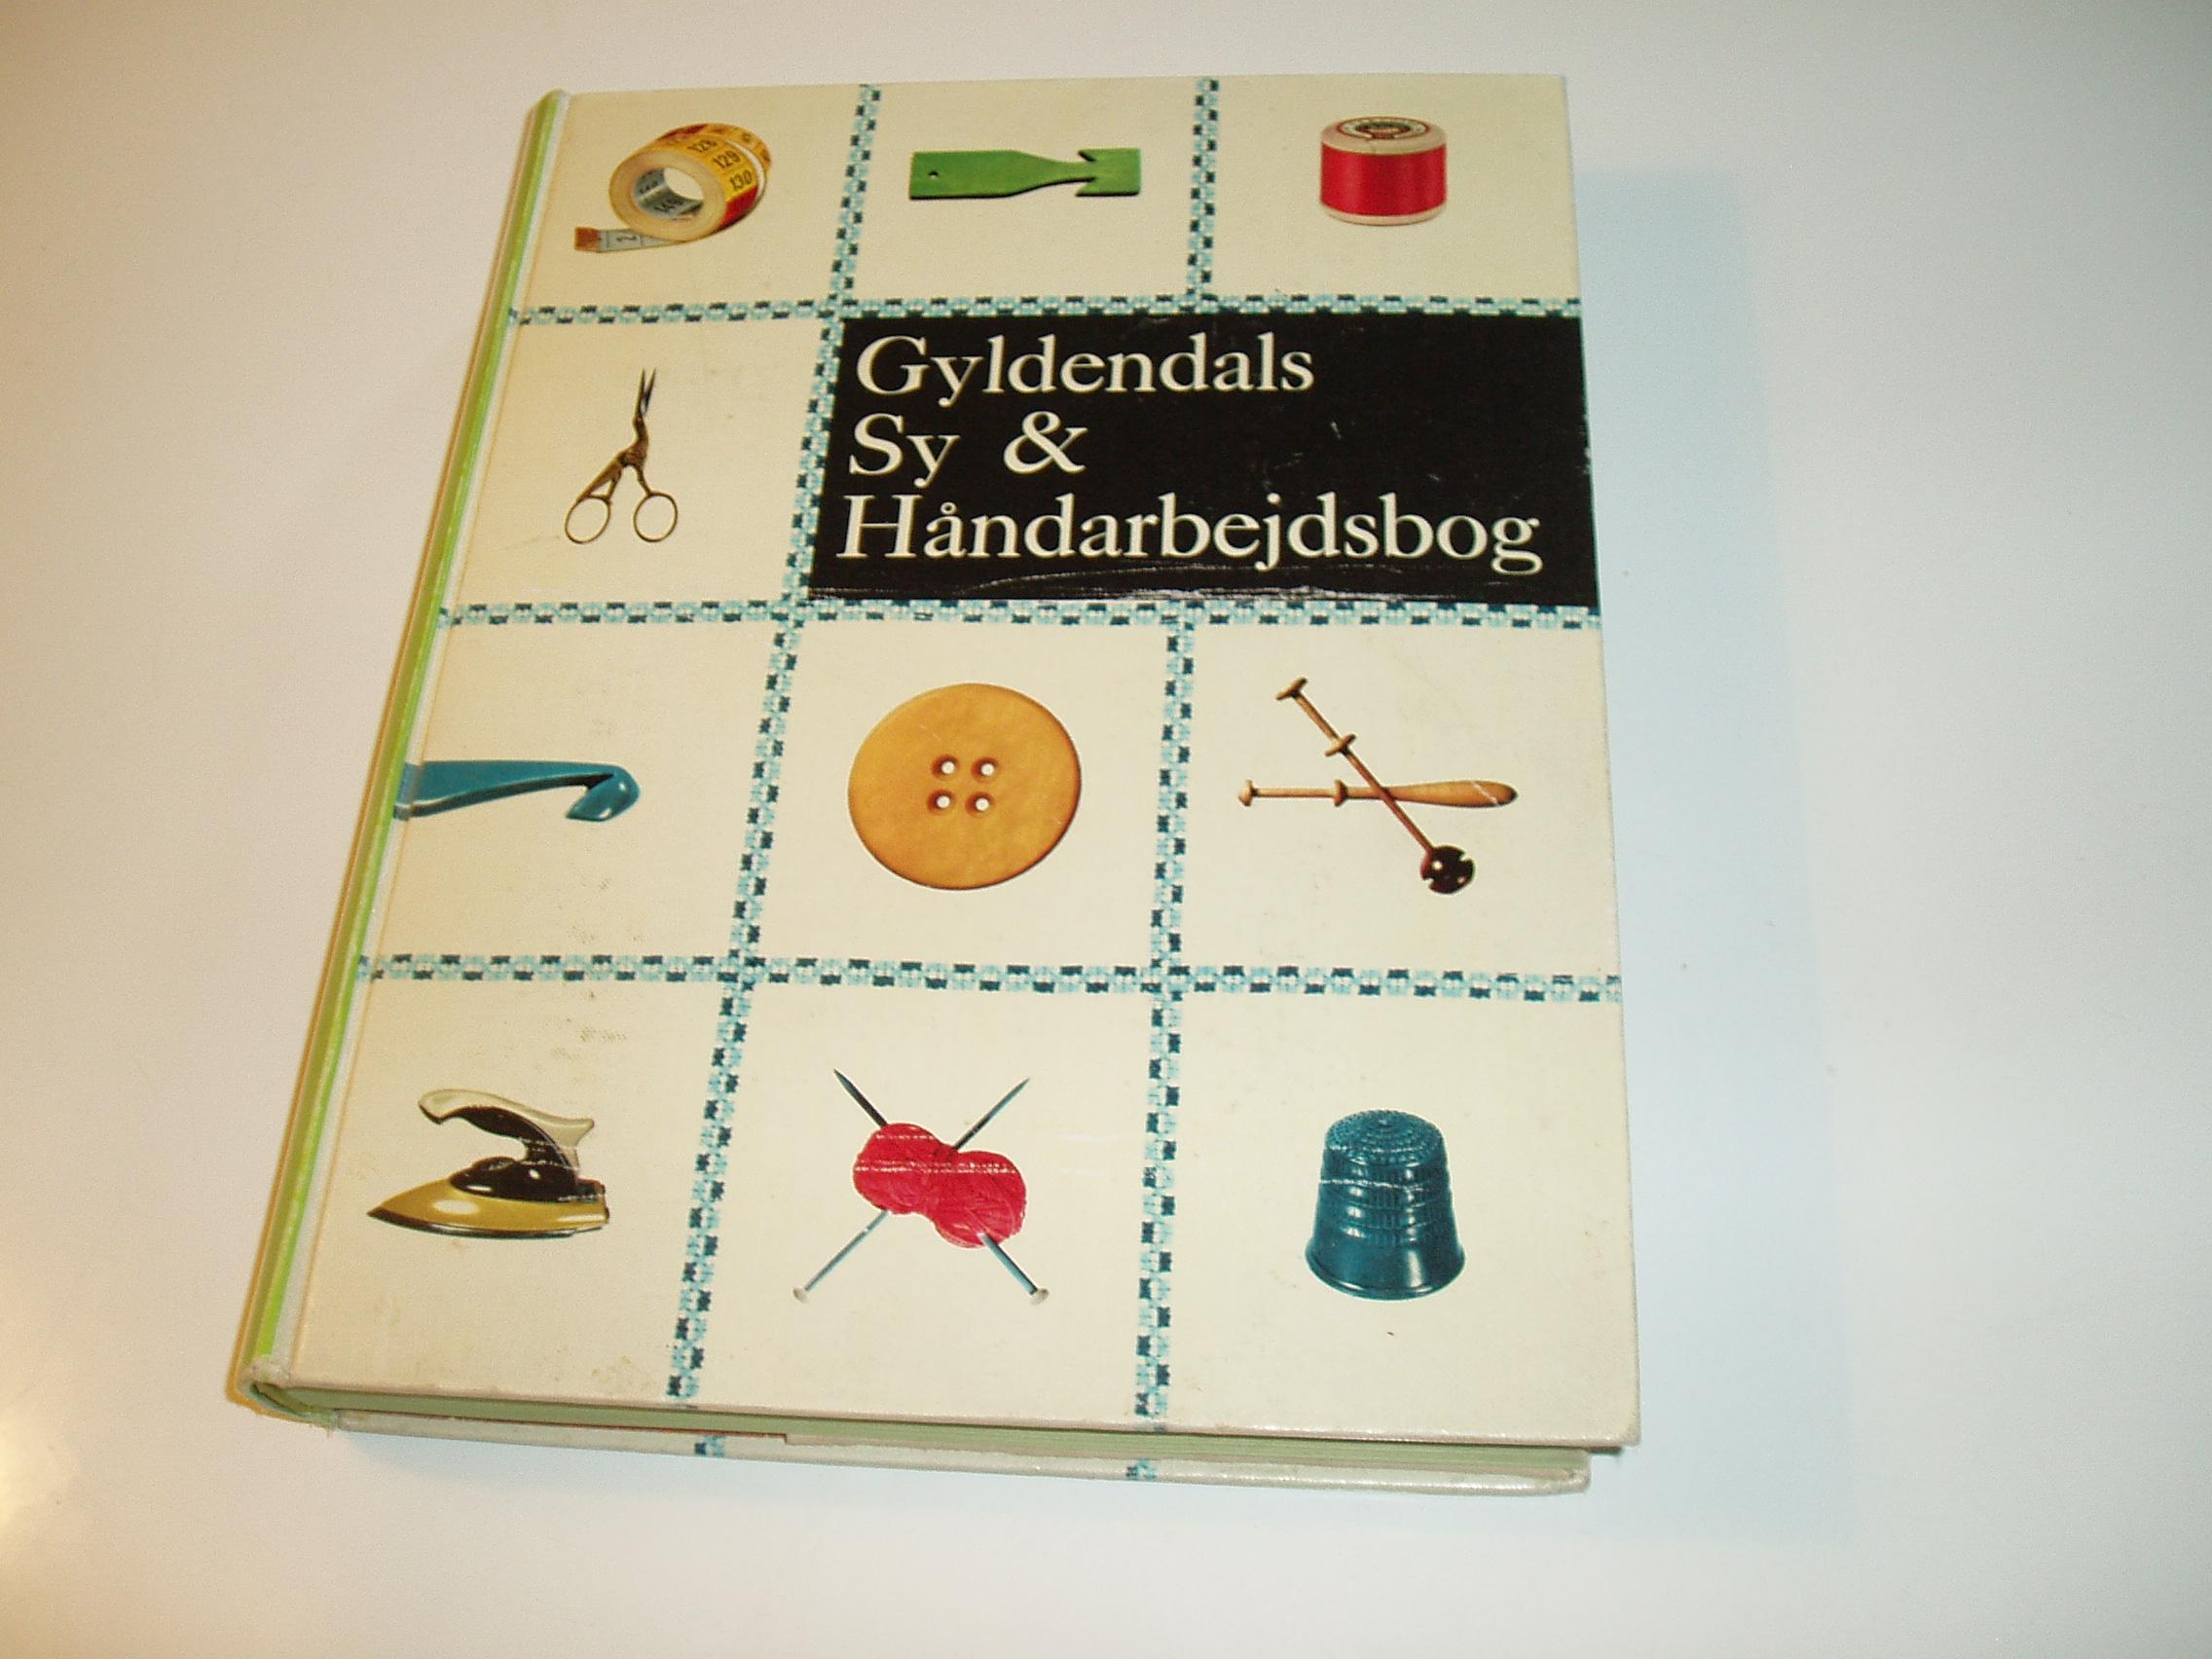 Gyldendals Sy & Håndarbejdsbog